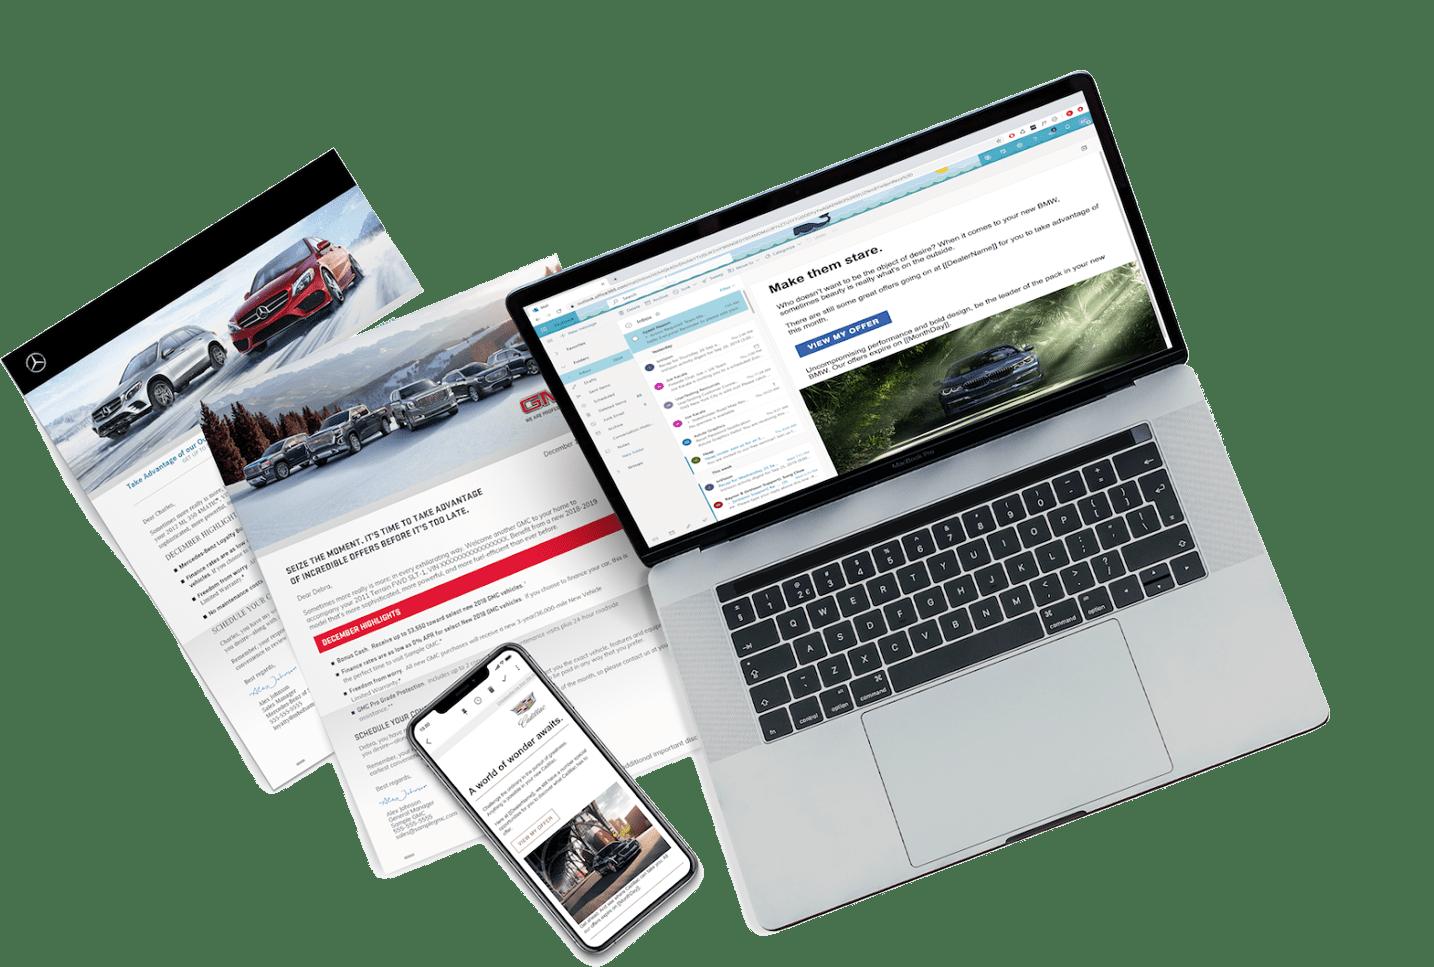 Omni Channel Marketing for Car Dealerships